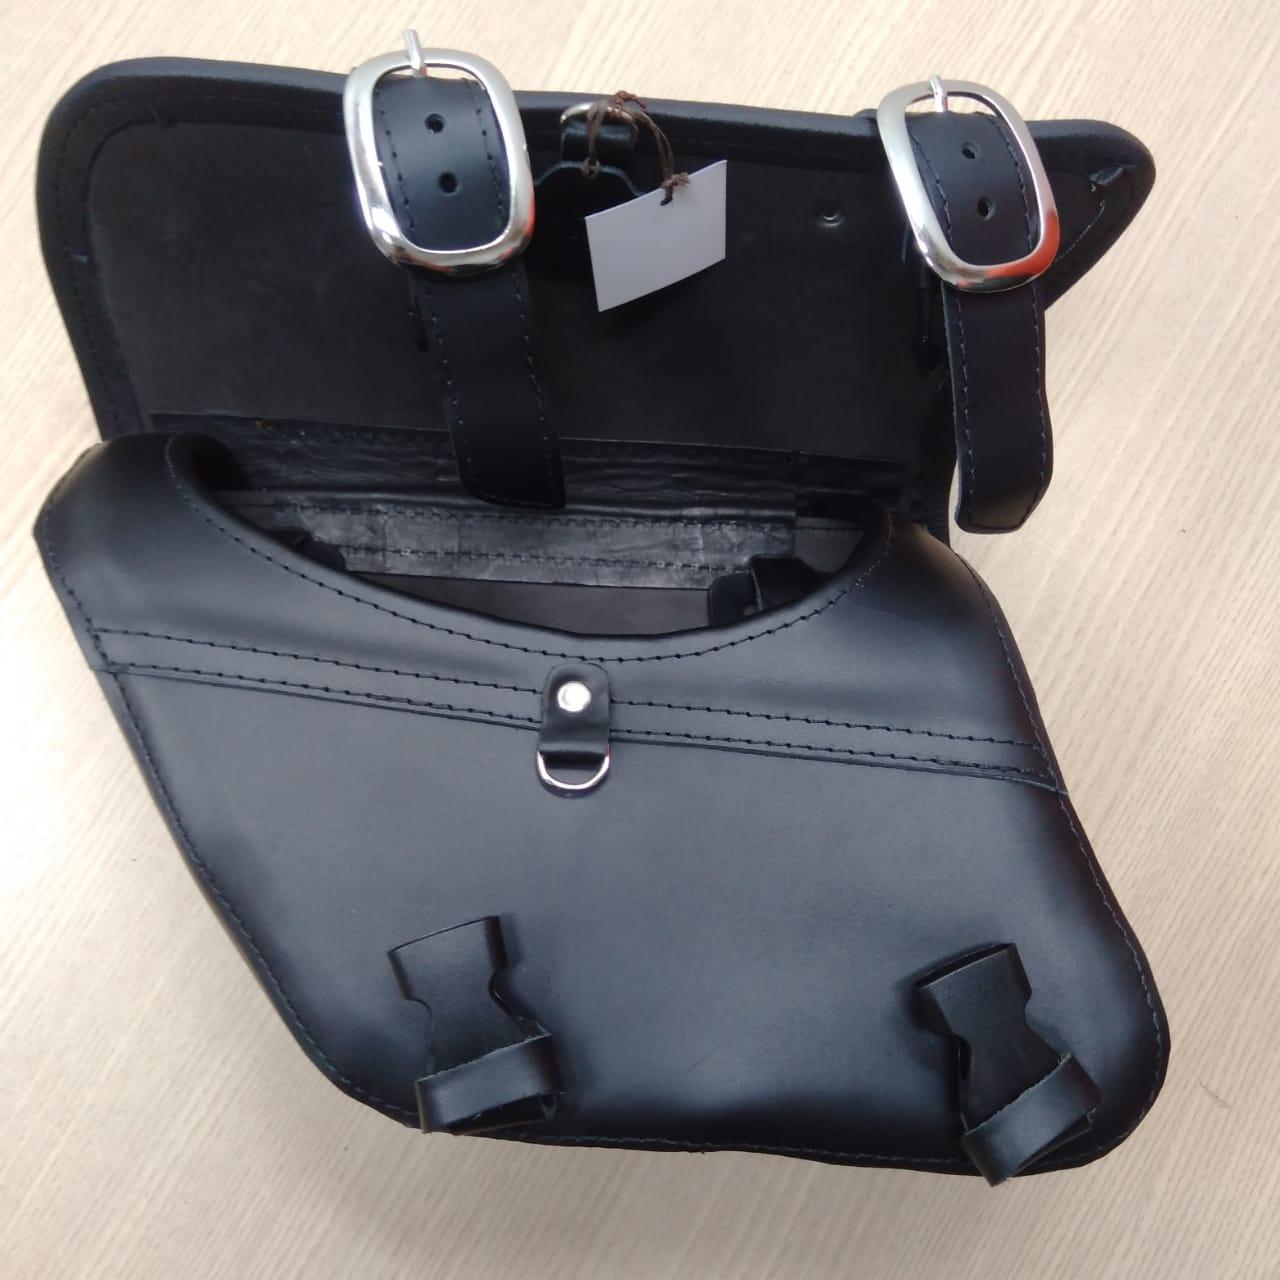 Bolsa de Balança em Couro - Motivo Bar & Shield - HD Dyna - Preta - 008/62203